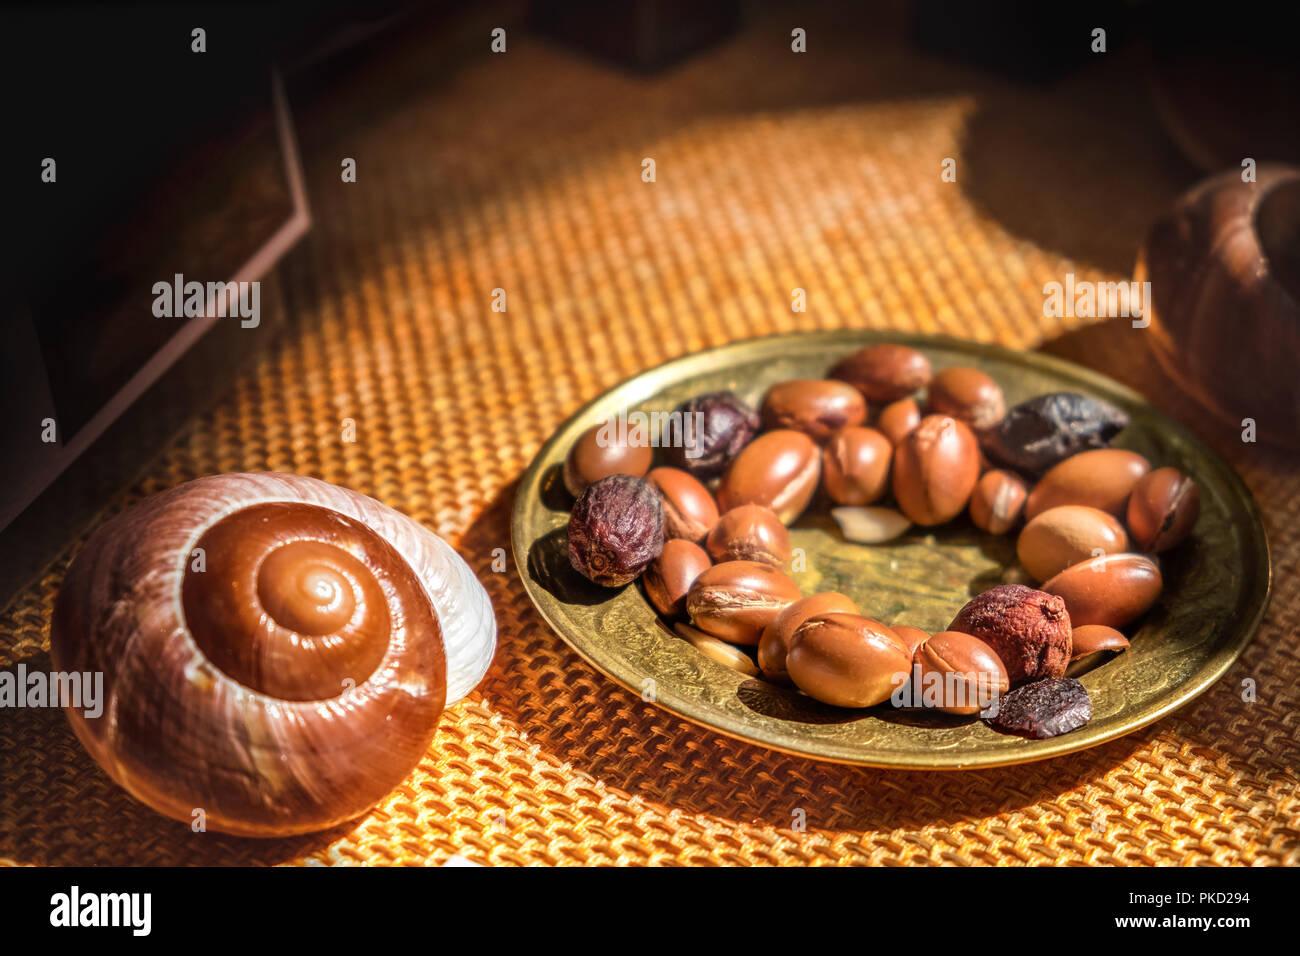 L'huile d'Argan est faite par les écrous d'Argan - fruit antioxydant utile pour la guérison de la rougeur de la peau inflammations vergetures Photo Stock